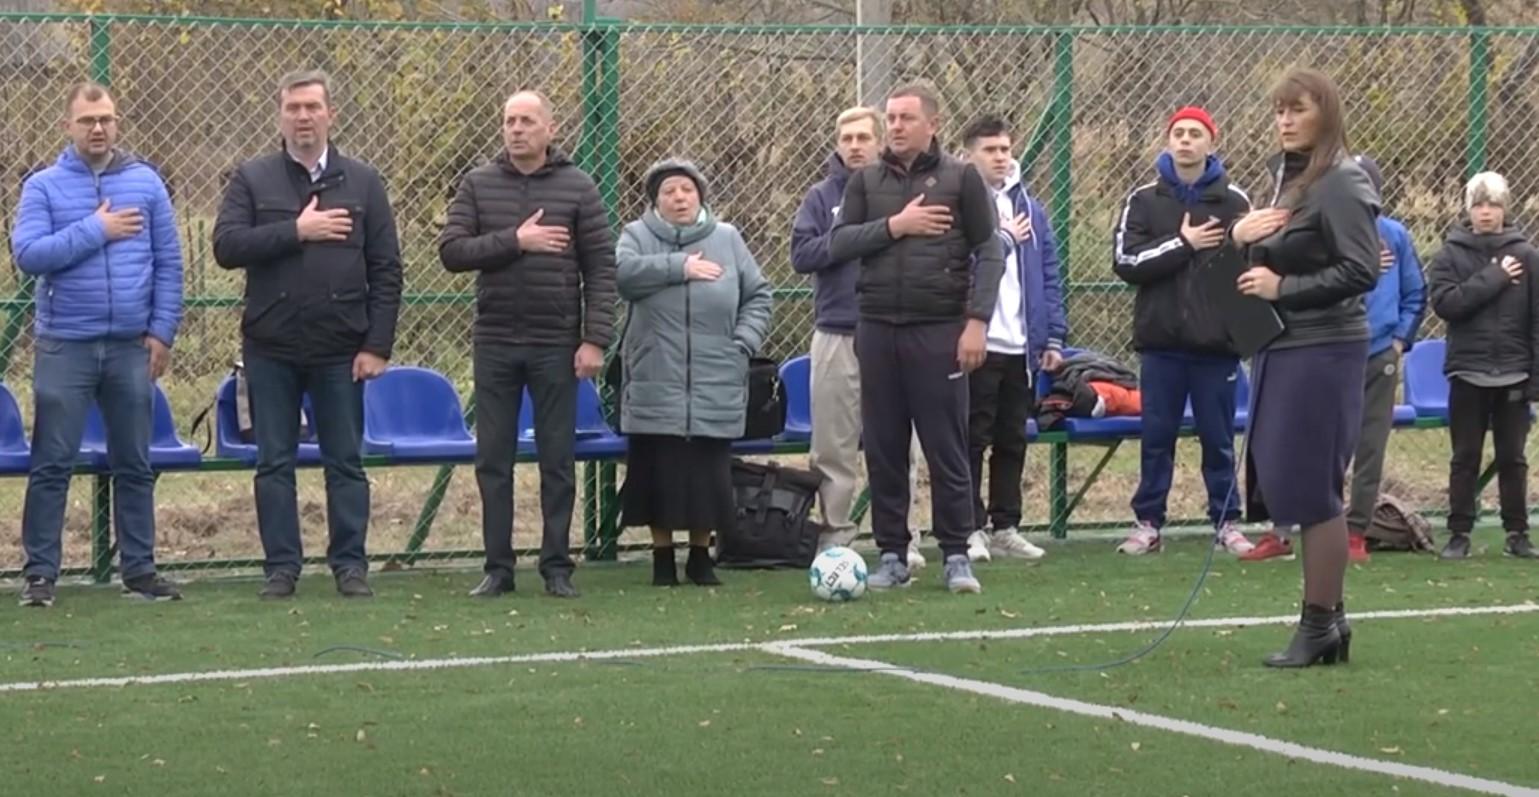 У Коломийській ТГ відновили футбольний майданчик зі штучним покриттям. Відео